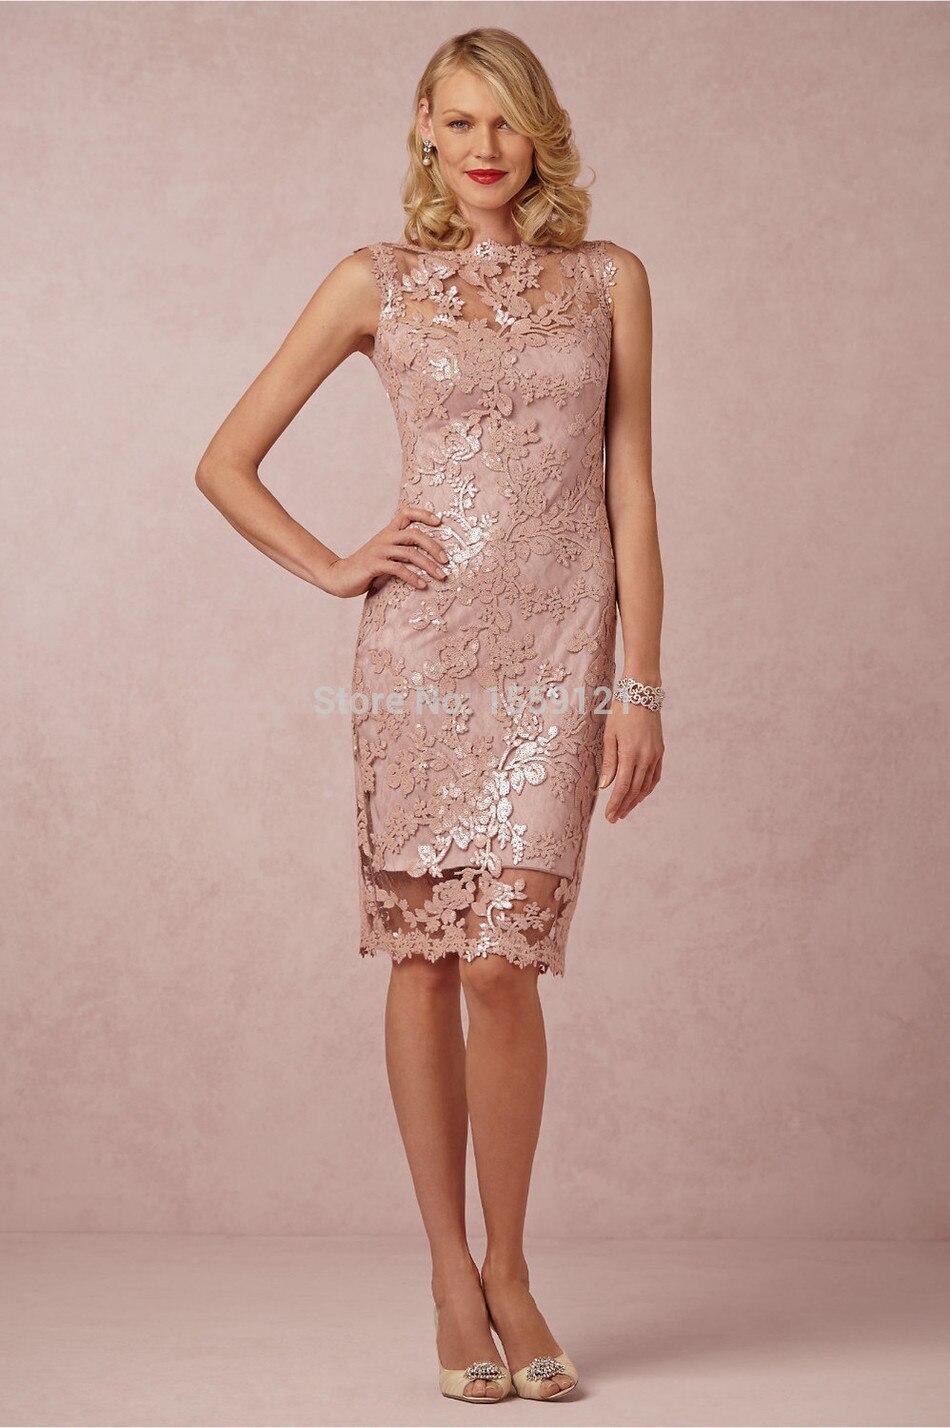 Vistoso Boda Del Vestido De La Envoltura Foto - Colección de ...